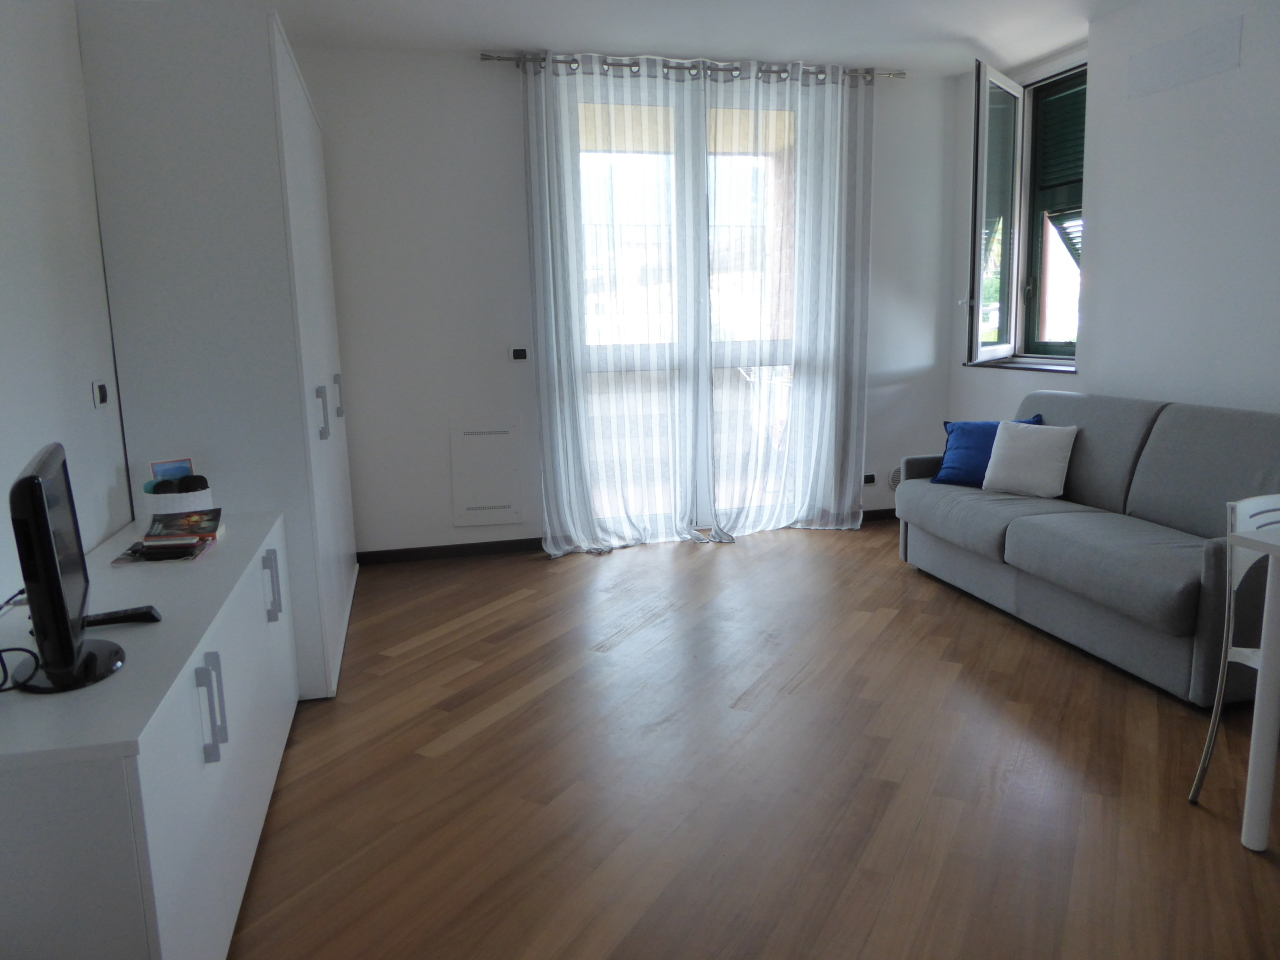 Appartamento in affitto a Sestri Levante, 2 locali, Trattative riservate | CambioCasa.it